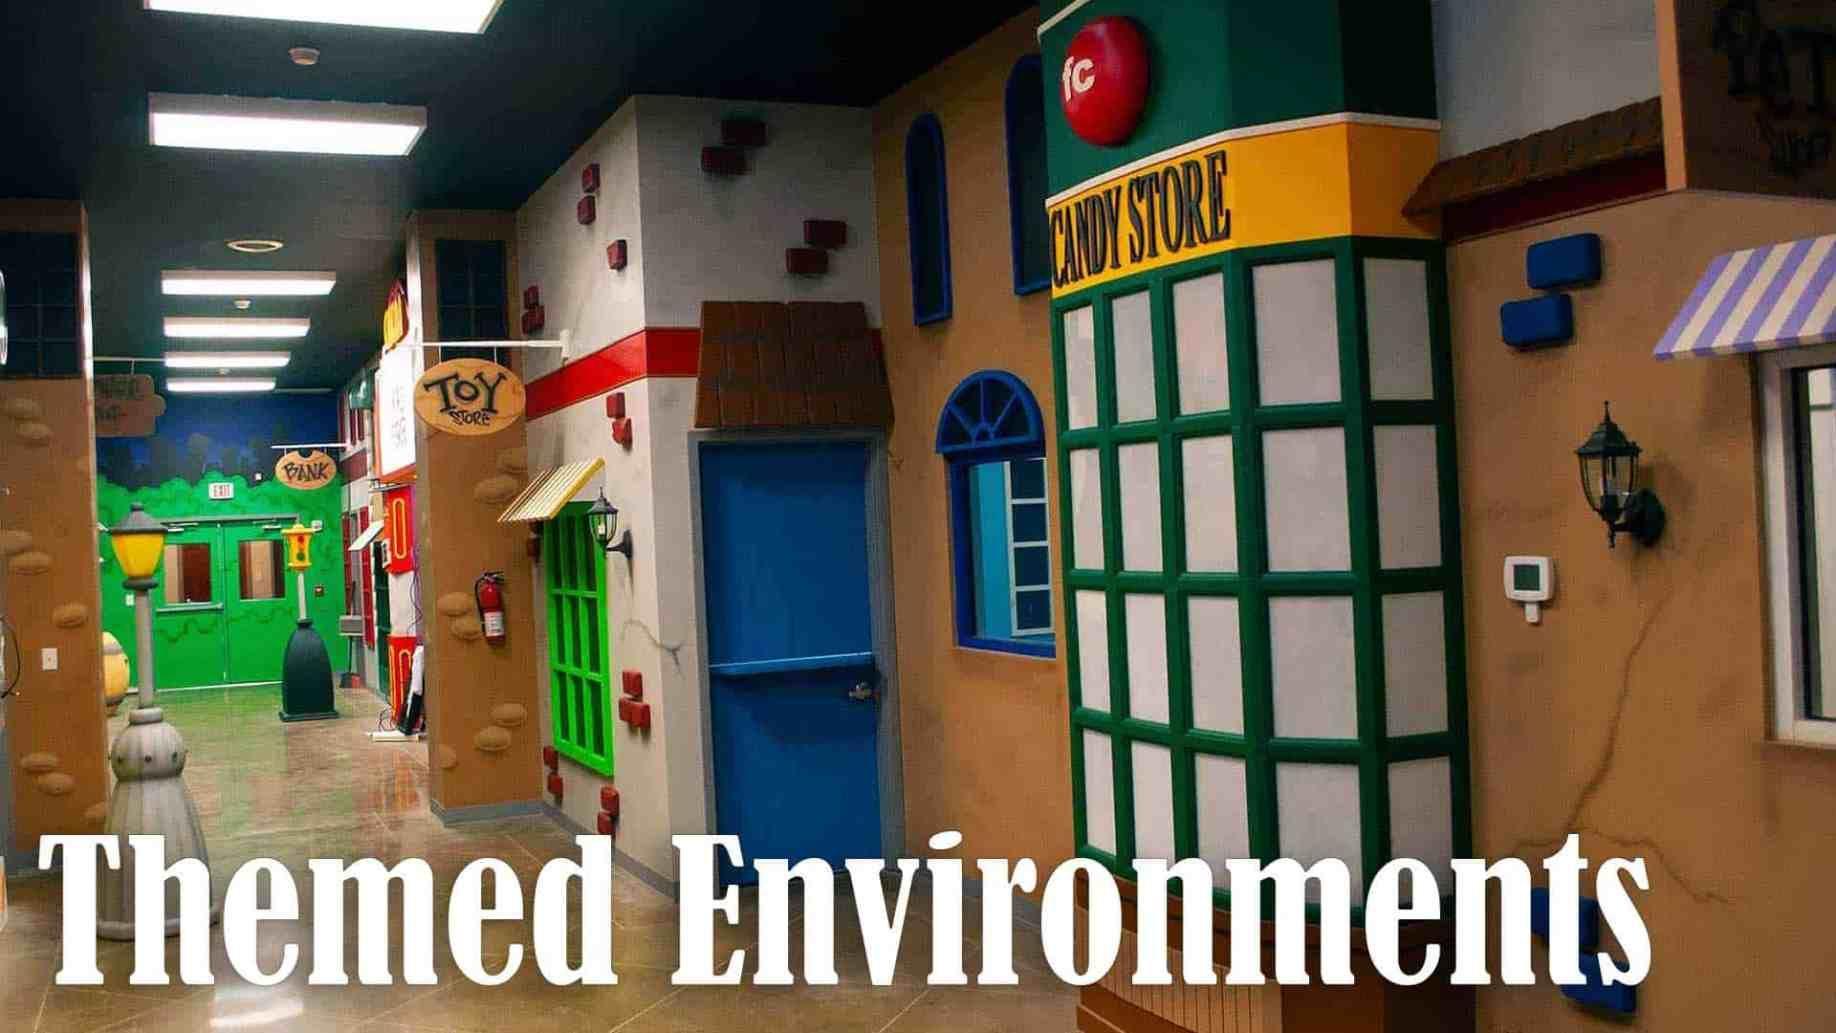 themedenvironmentstxt2 Murals for kids, Vinyl wall